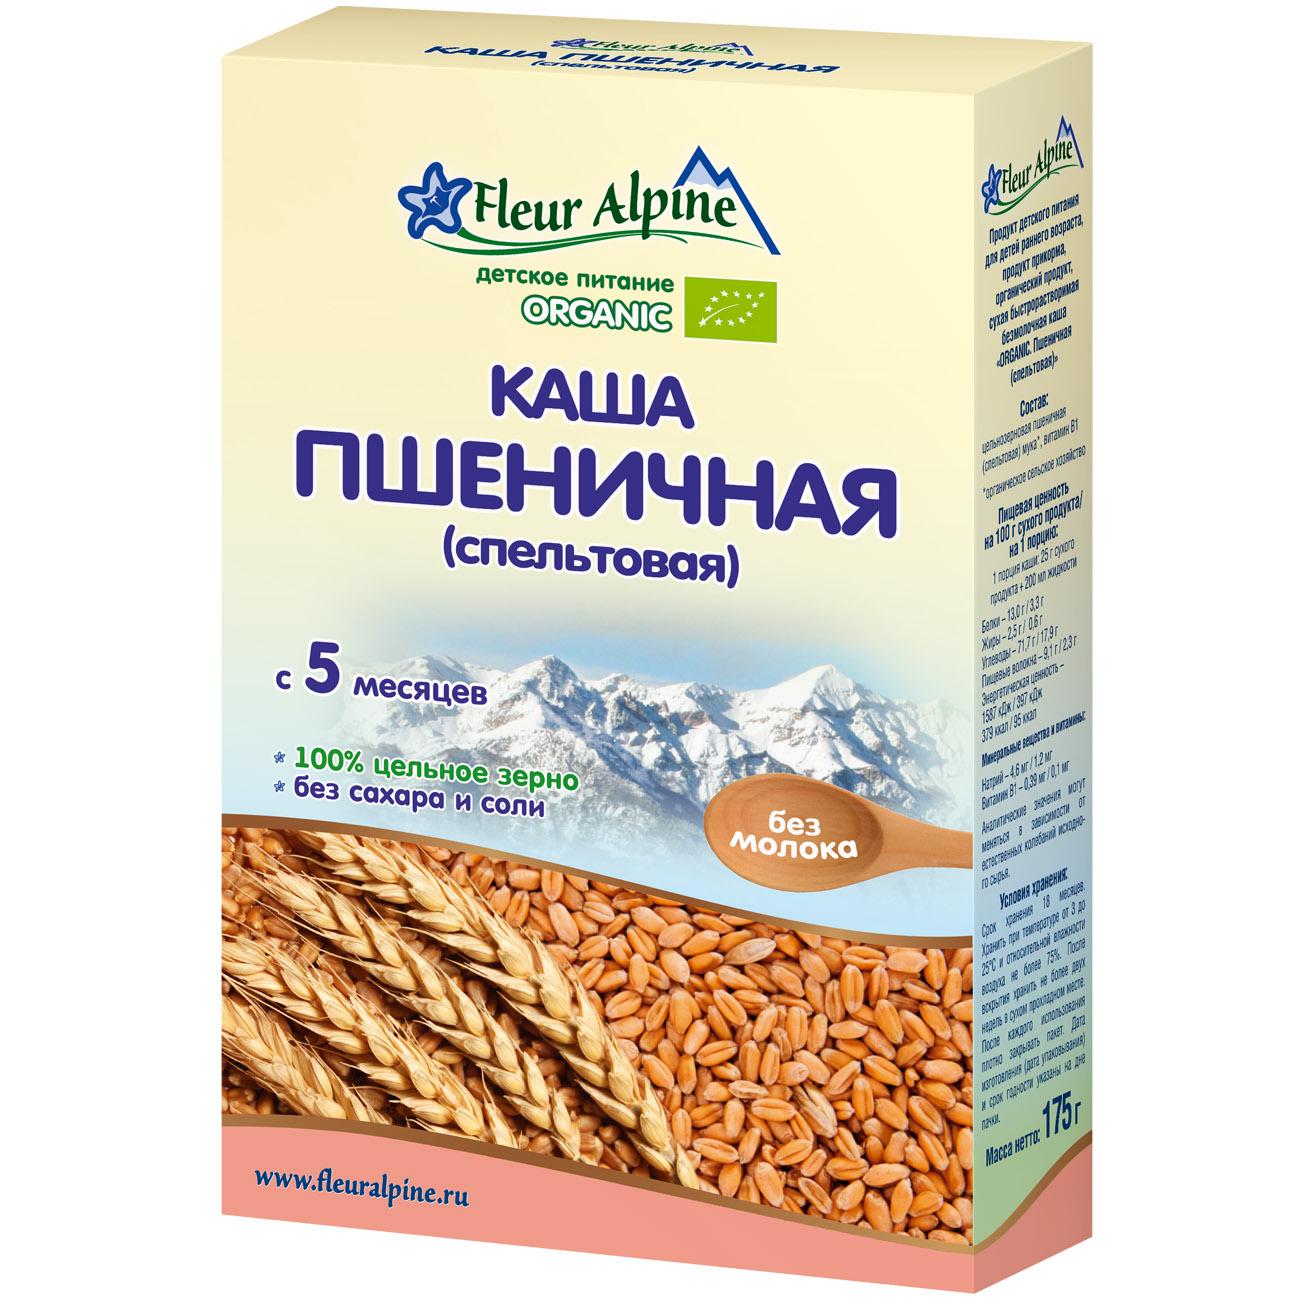 Каша Fleur Alpine Органик безмолочная 175 гр Пшеничная спельтовая (с 5 мес)<br>